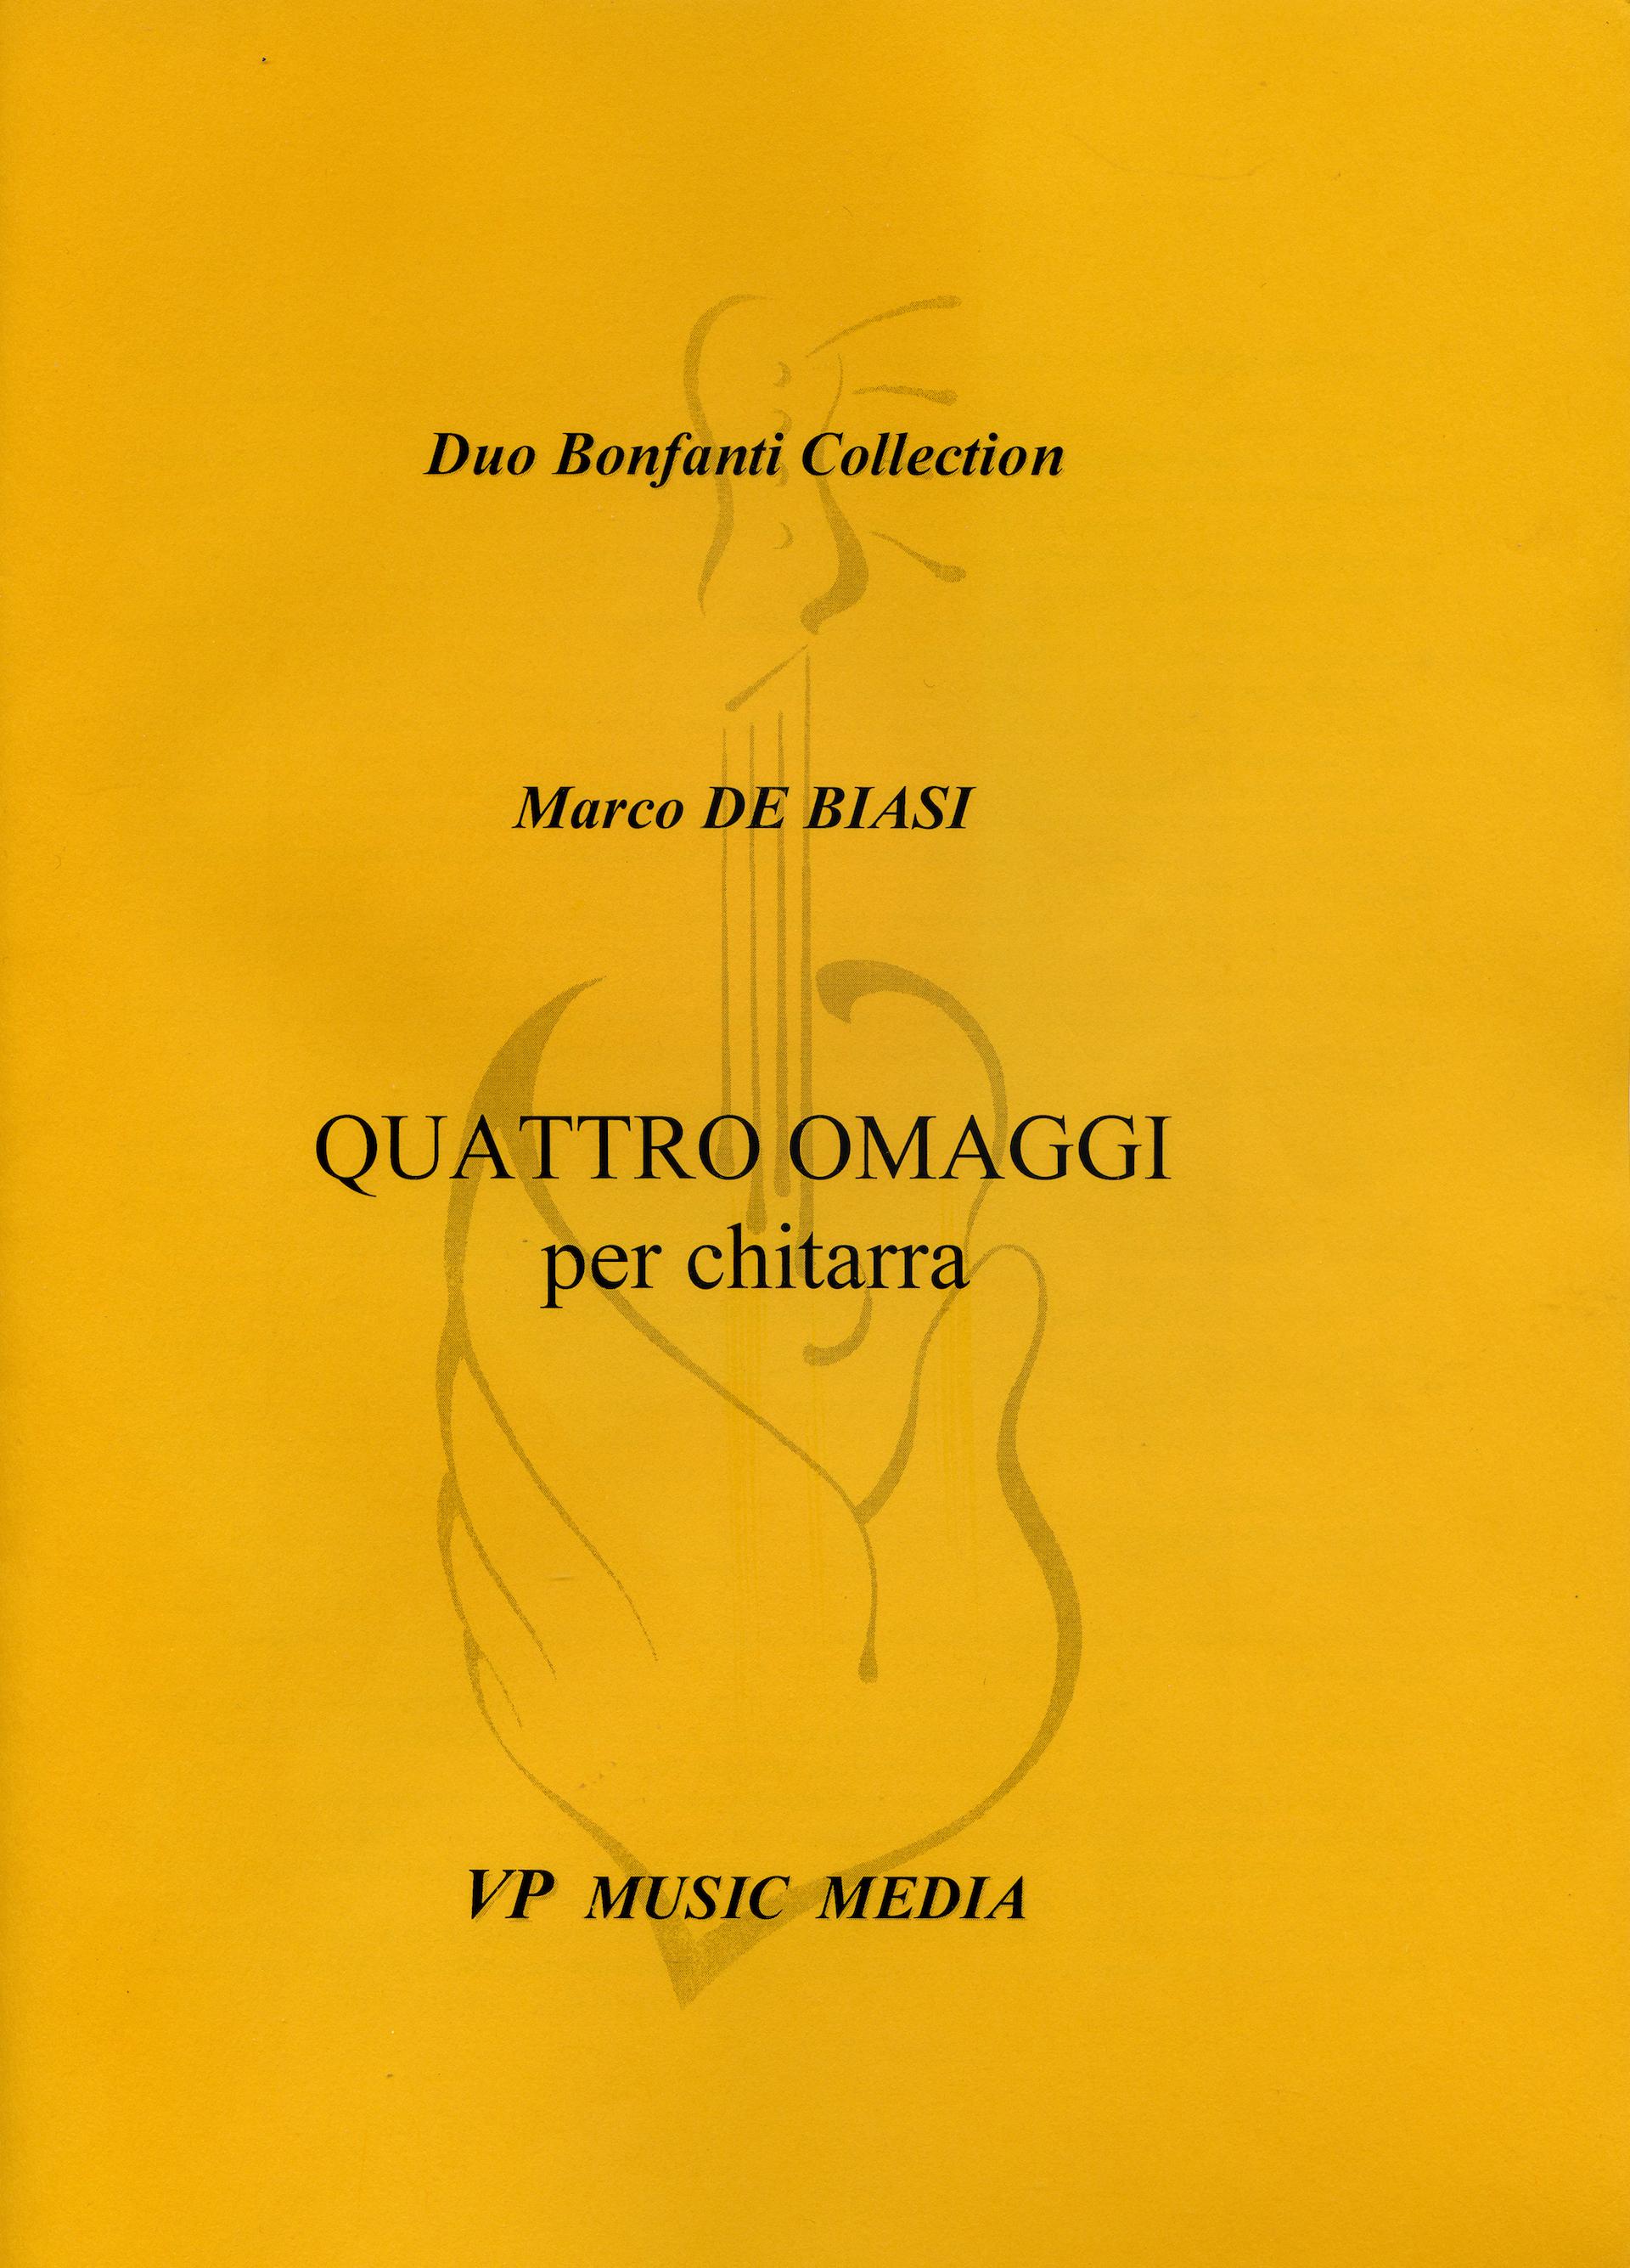 COPERTINA QUATTRO OMAGGI - MARCO DE BIASI